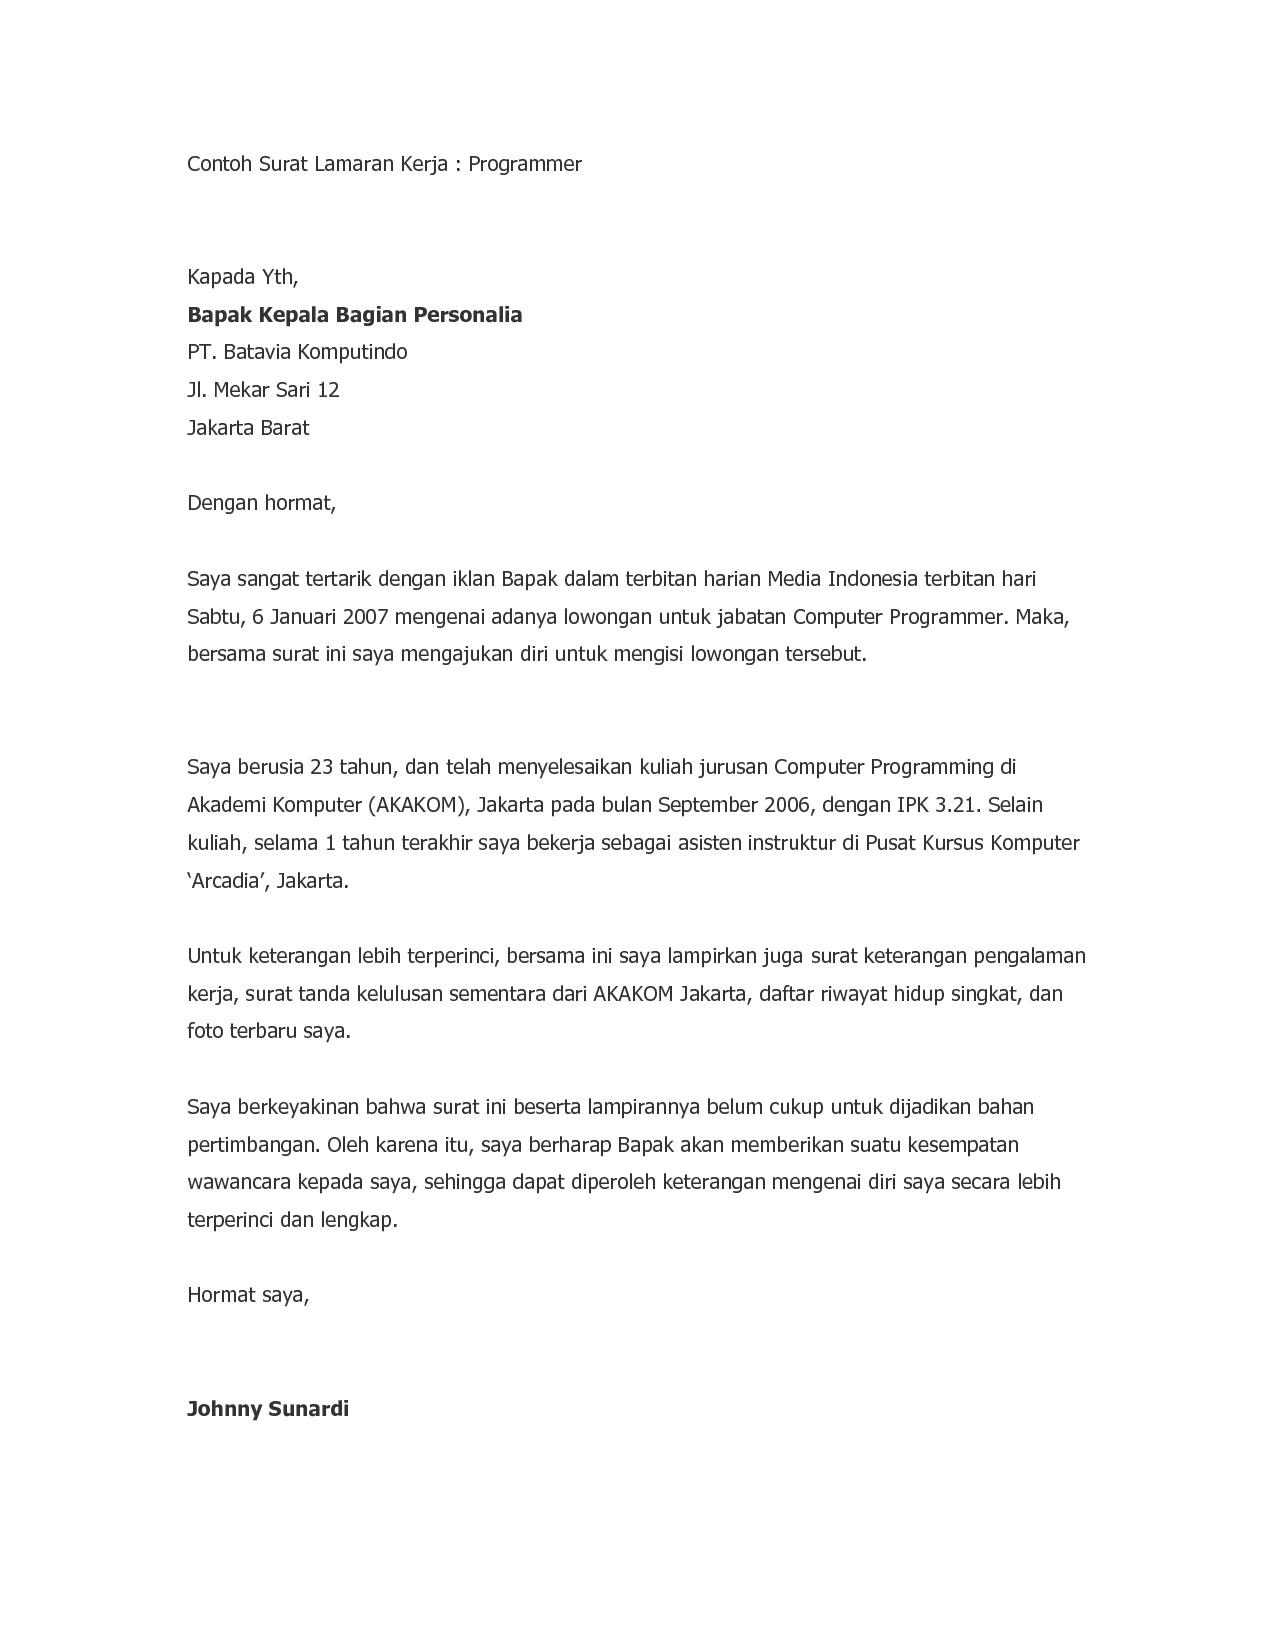 Contoh Surat Lamaran Kerja Dengan Bahasa Indonesia Yang Baik